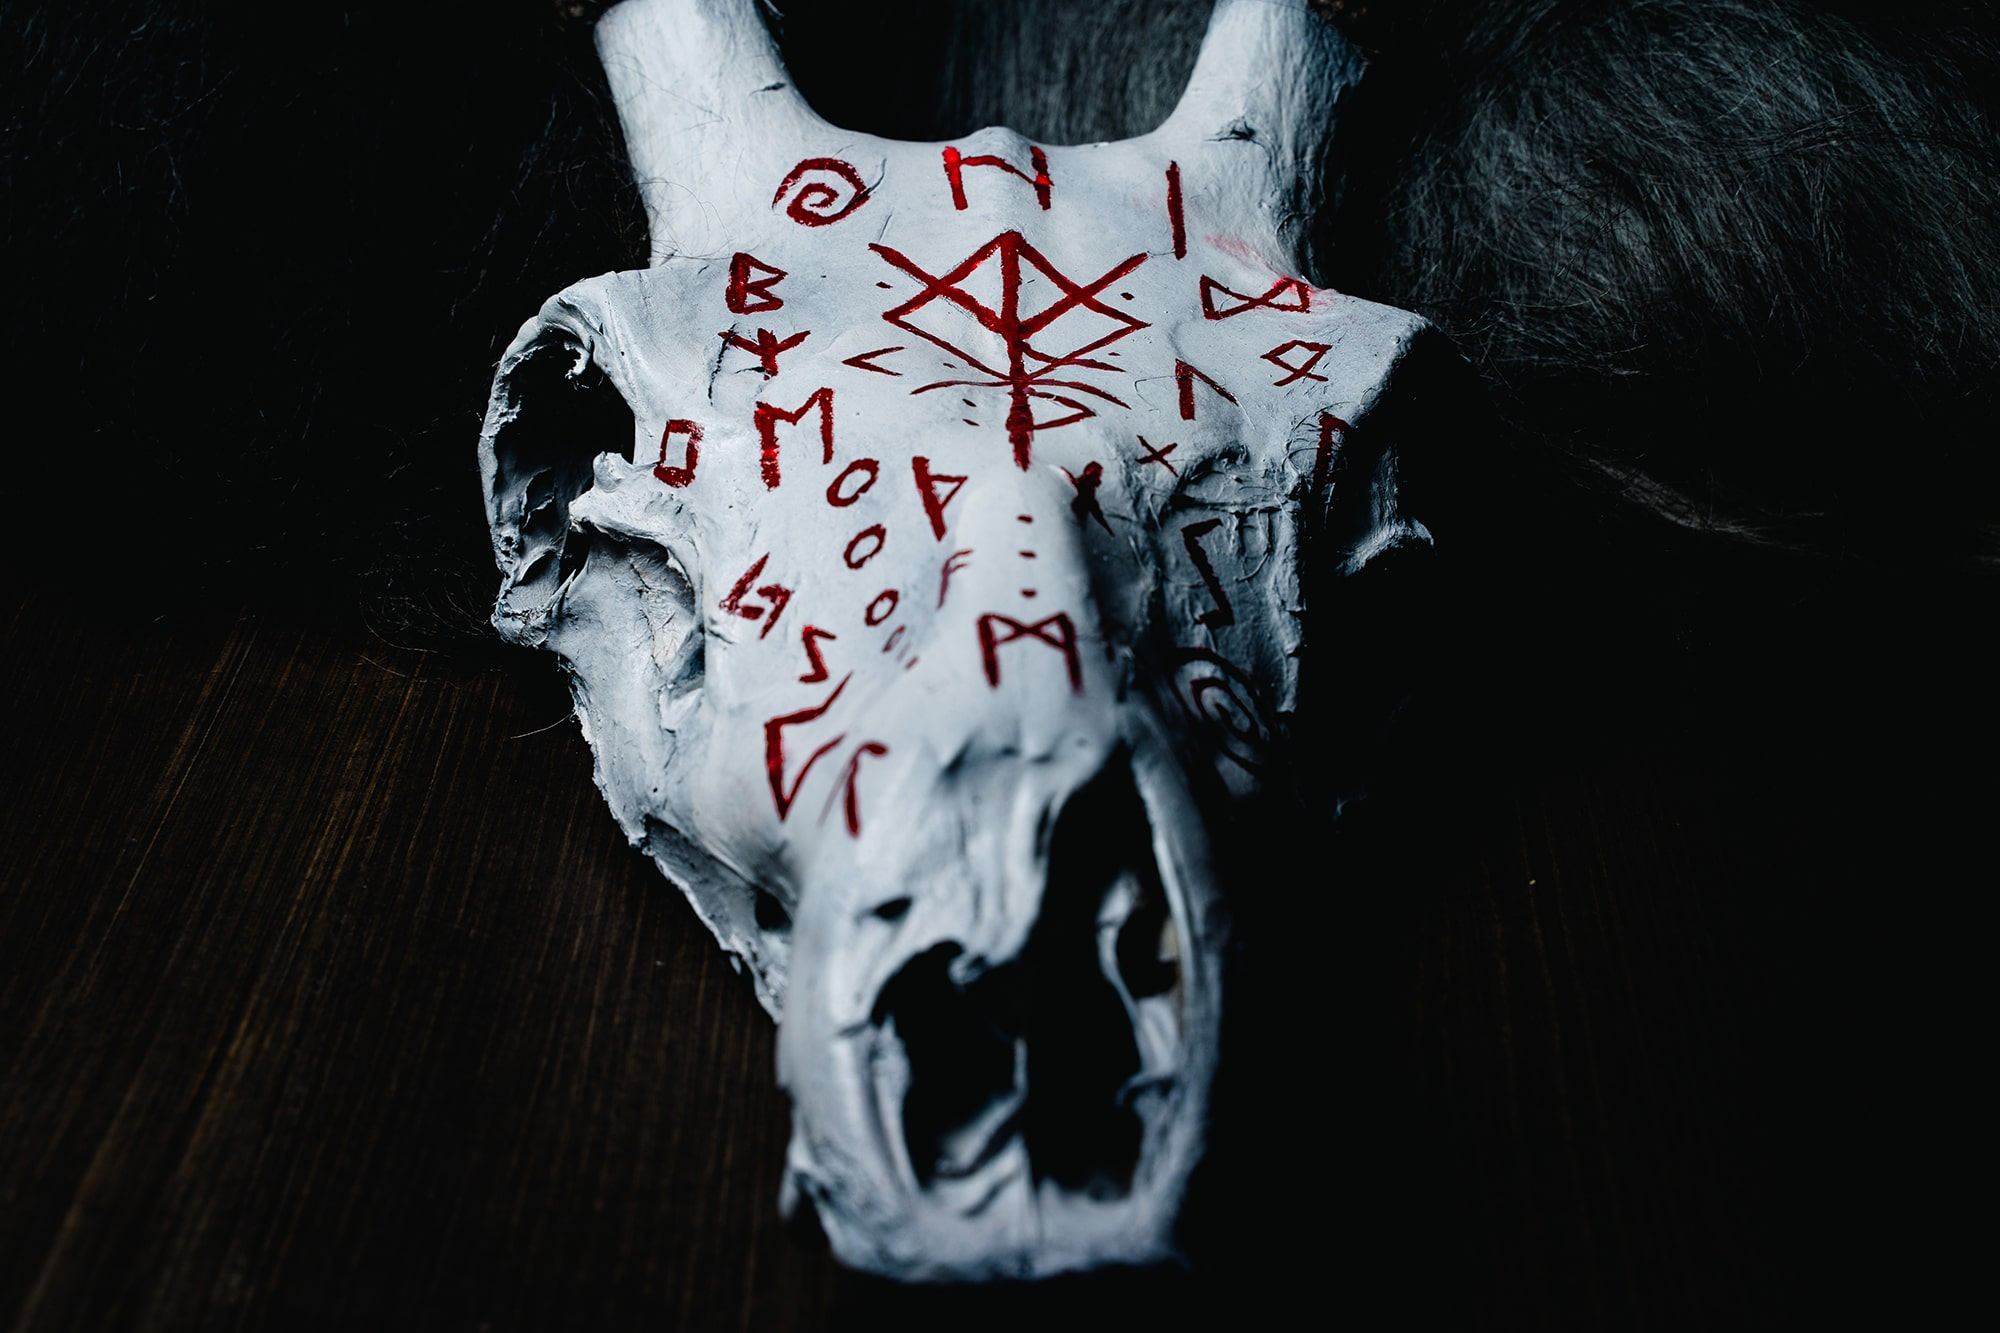 Opplev Odins festmåltider hos Valaskjalv på Torget